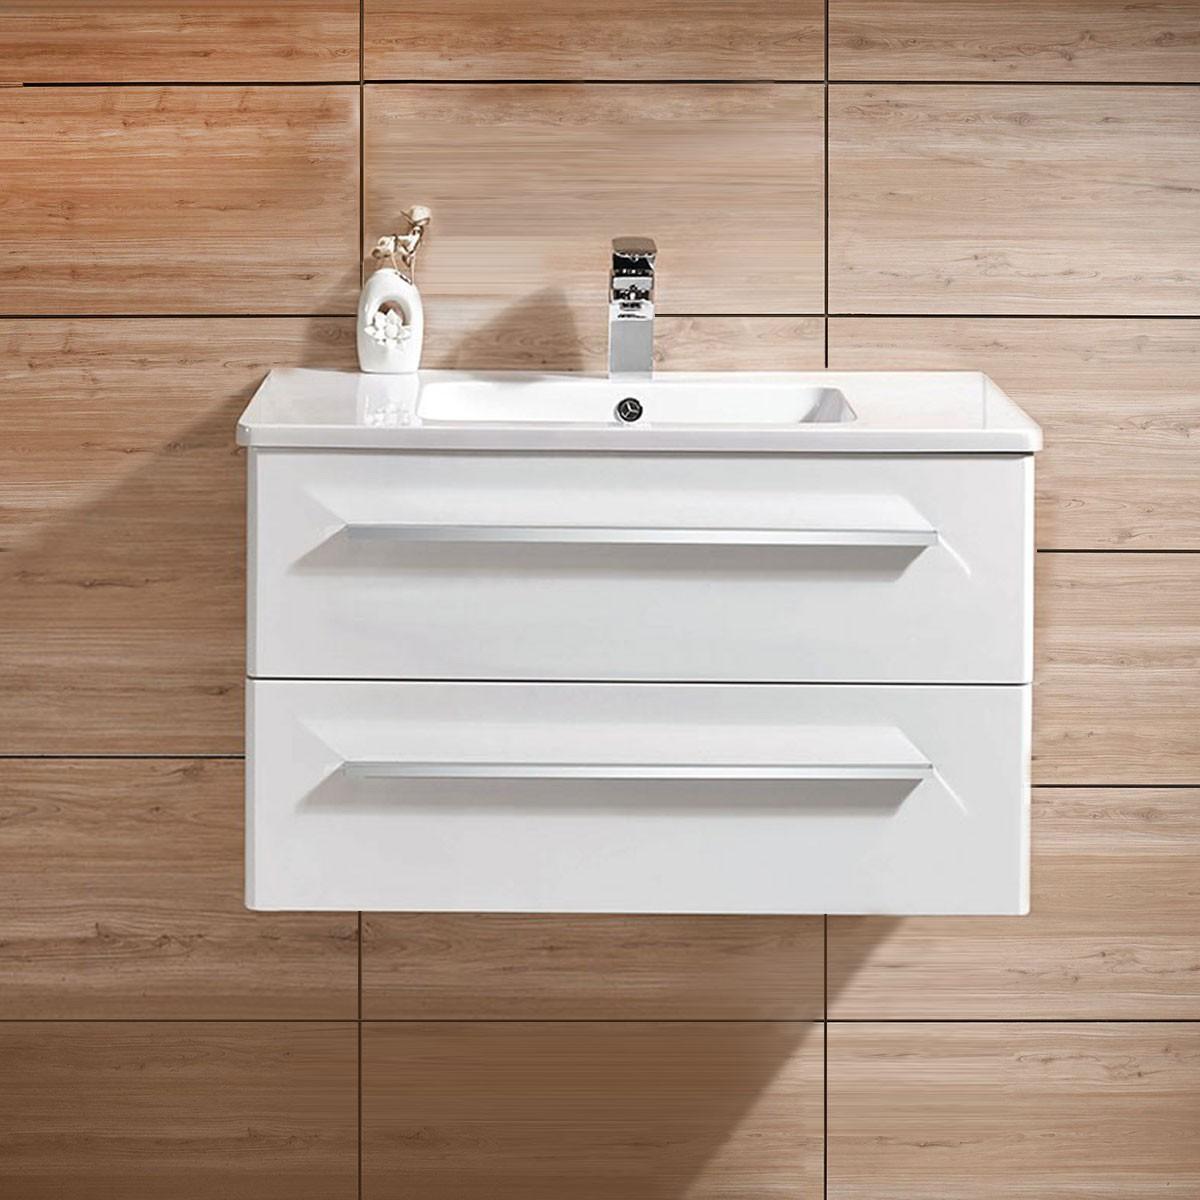 31 In. Wall Mount Bathroom Vanity (DK-606800-V)